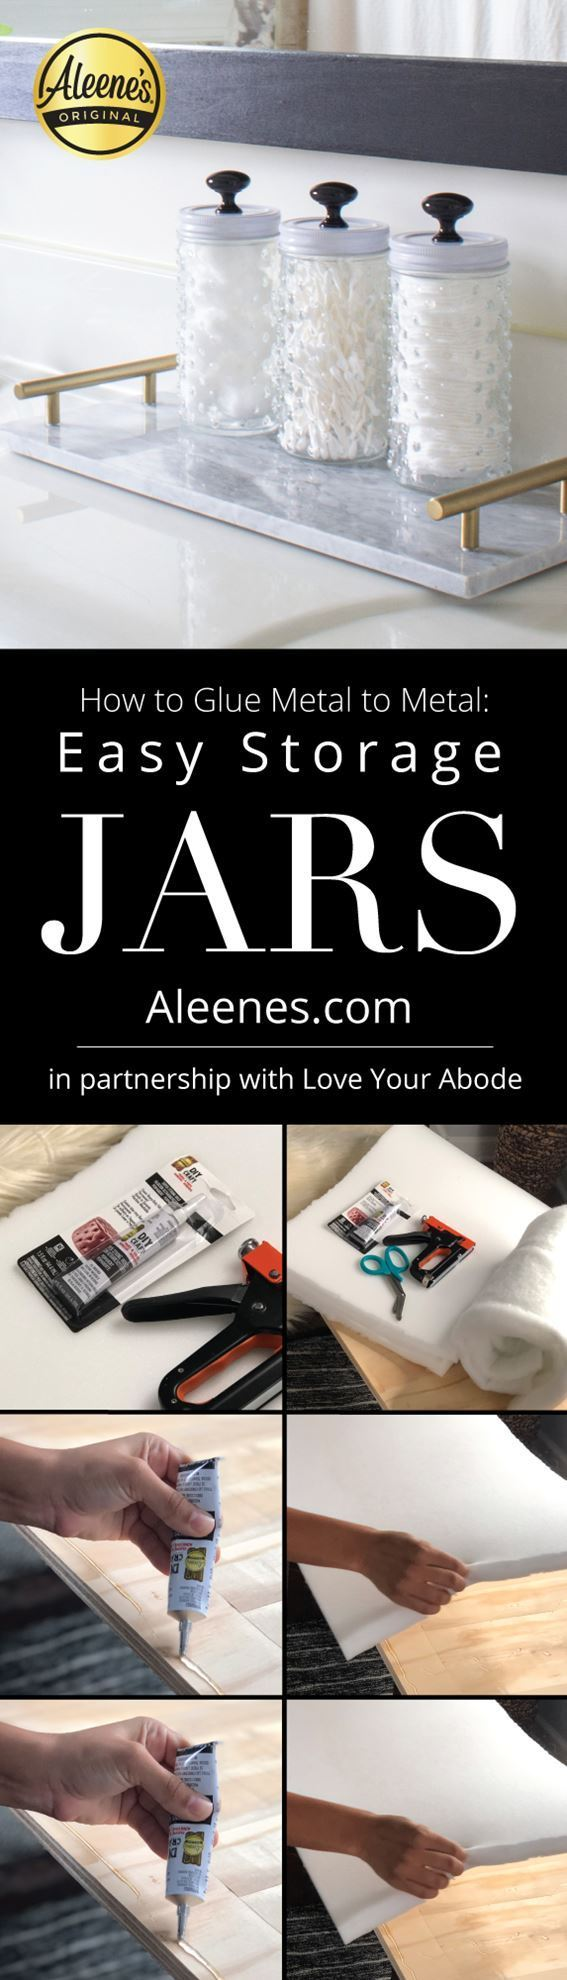 How to Glue Metal to Metal: Easy Storage Jars